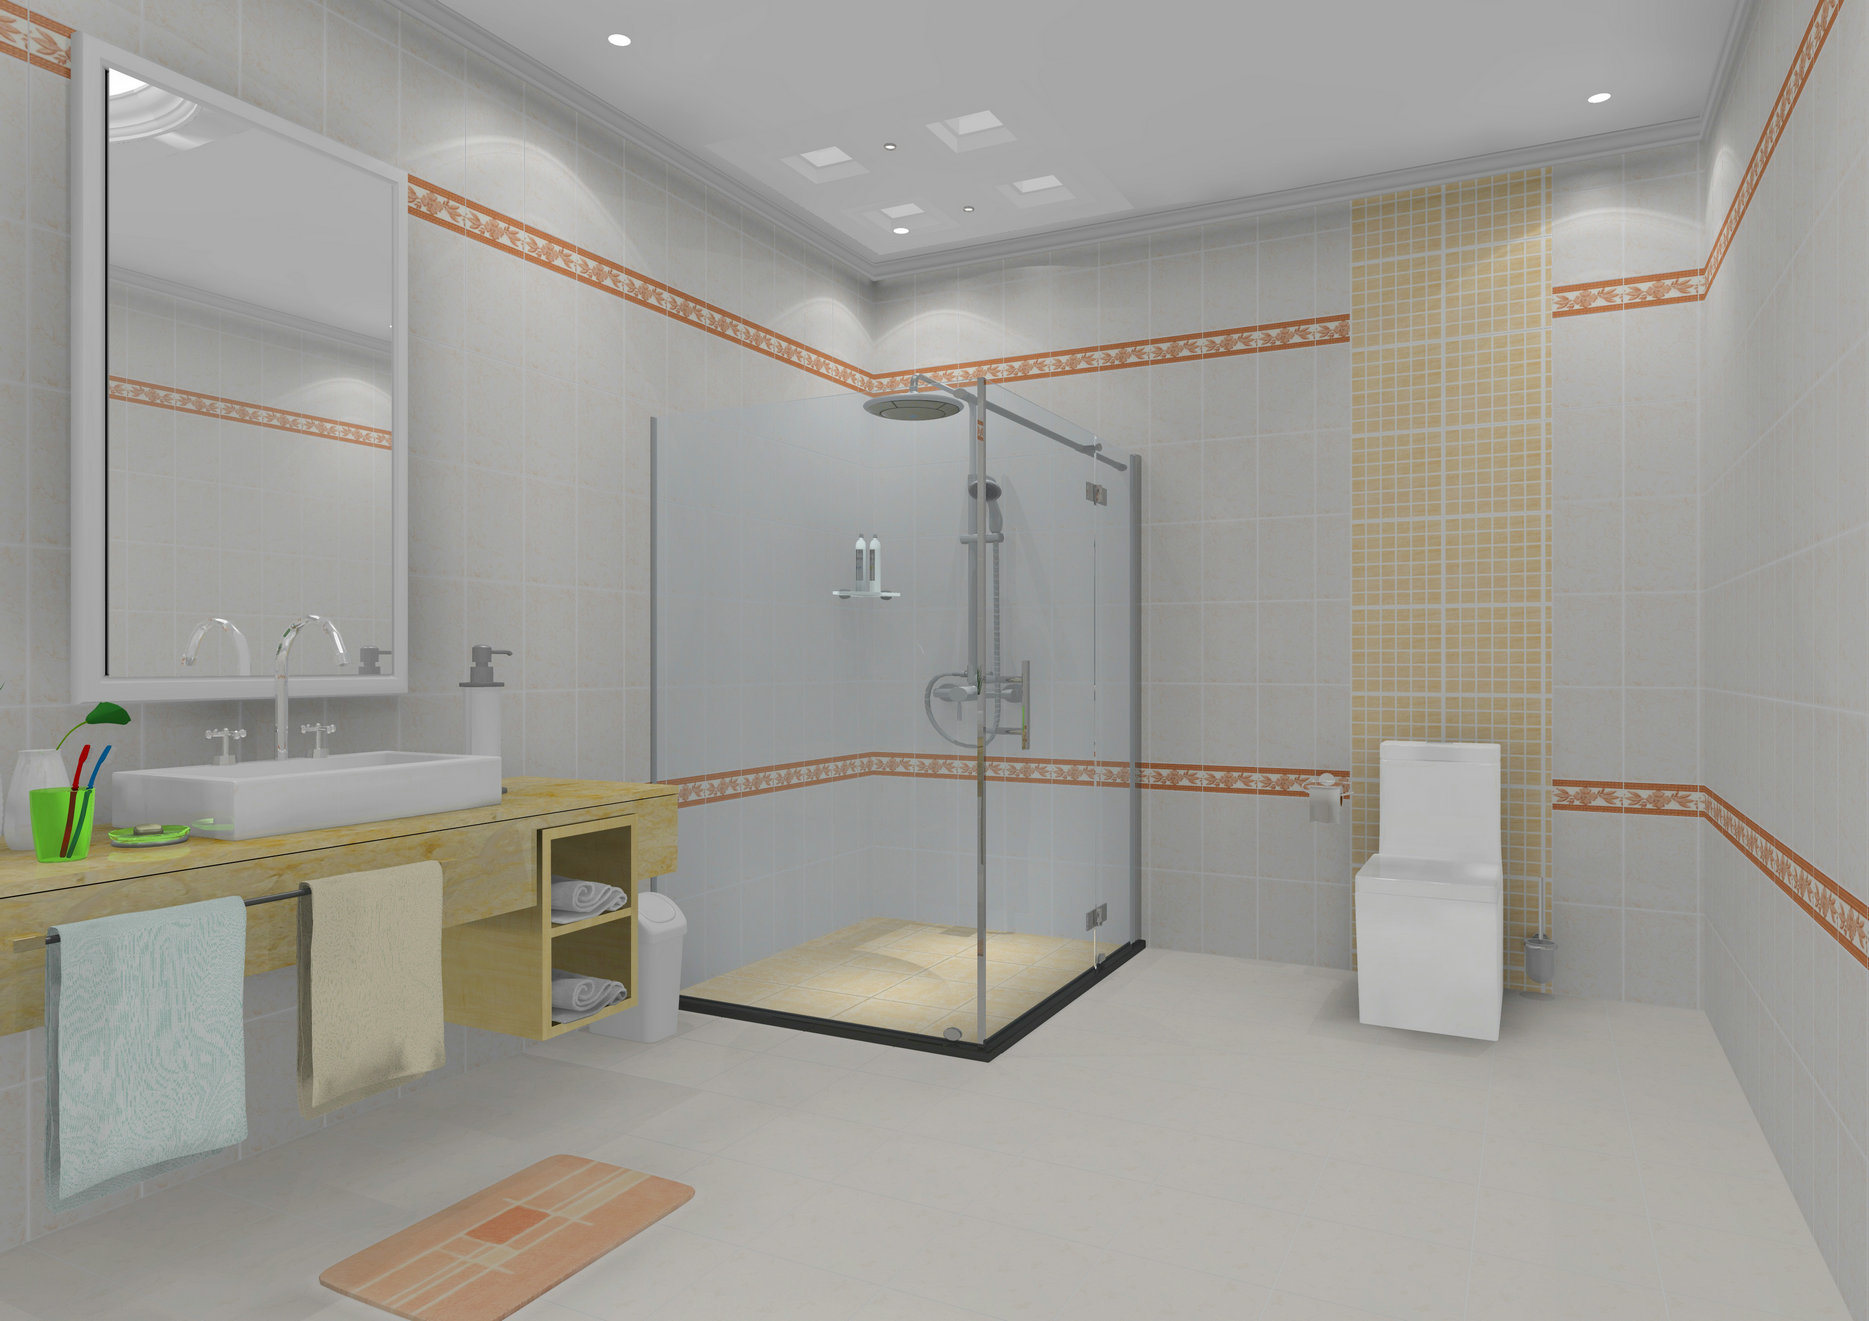 cocina y cuarto de bao de cermica azulejo de la pared x c